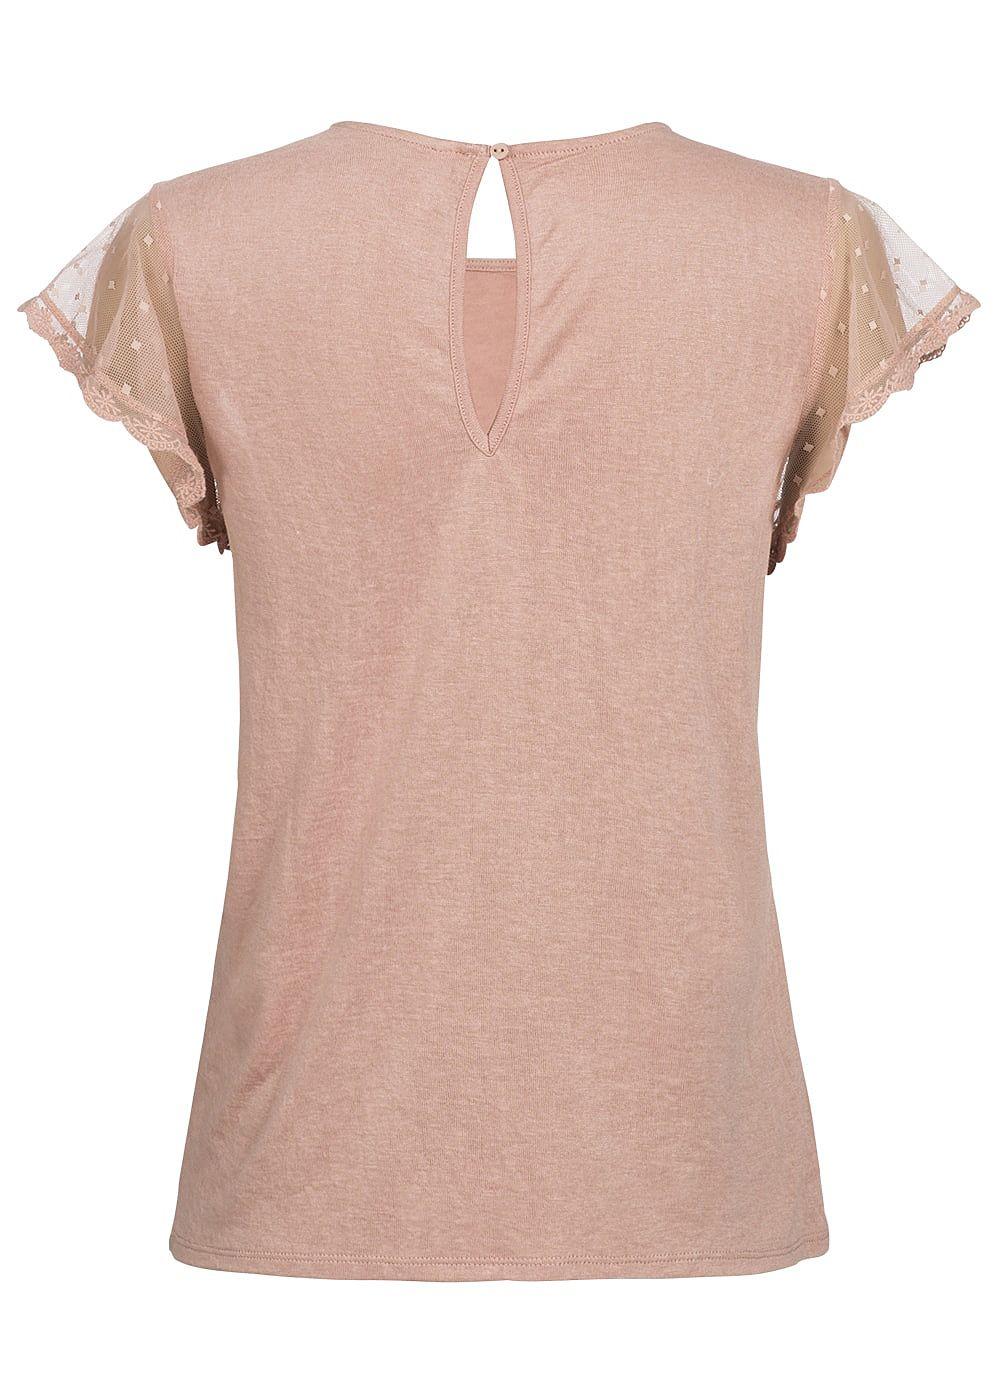 only damen t shirt mit spitzen rmel misty rosa 77onlineshop. Black Bedroom Furniture Sets. Home Design Ideas